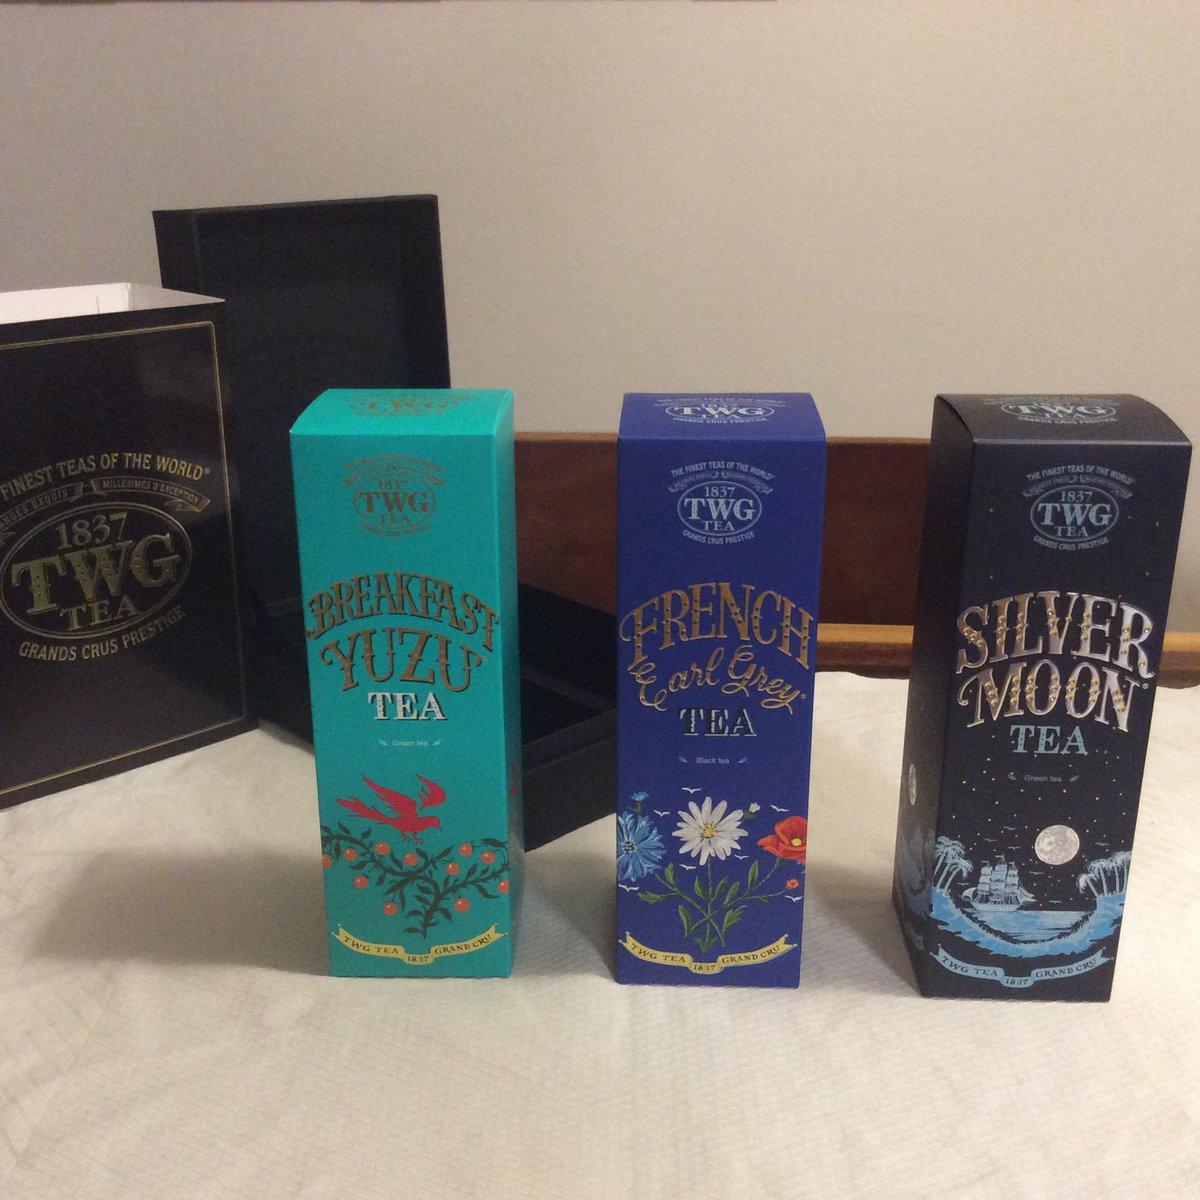 今回のシンガポール旅行は全然買い物できなくて、唯一買えたのがTWGのフレーバーティーです💦箱も缶もめちゃくちゃステキで、種類がたくさんあってすごく迷いましたが、この3種類にしました。香りも凄く良くて飲むのが楽しみです✨